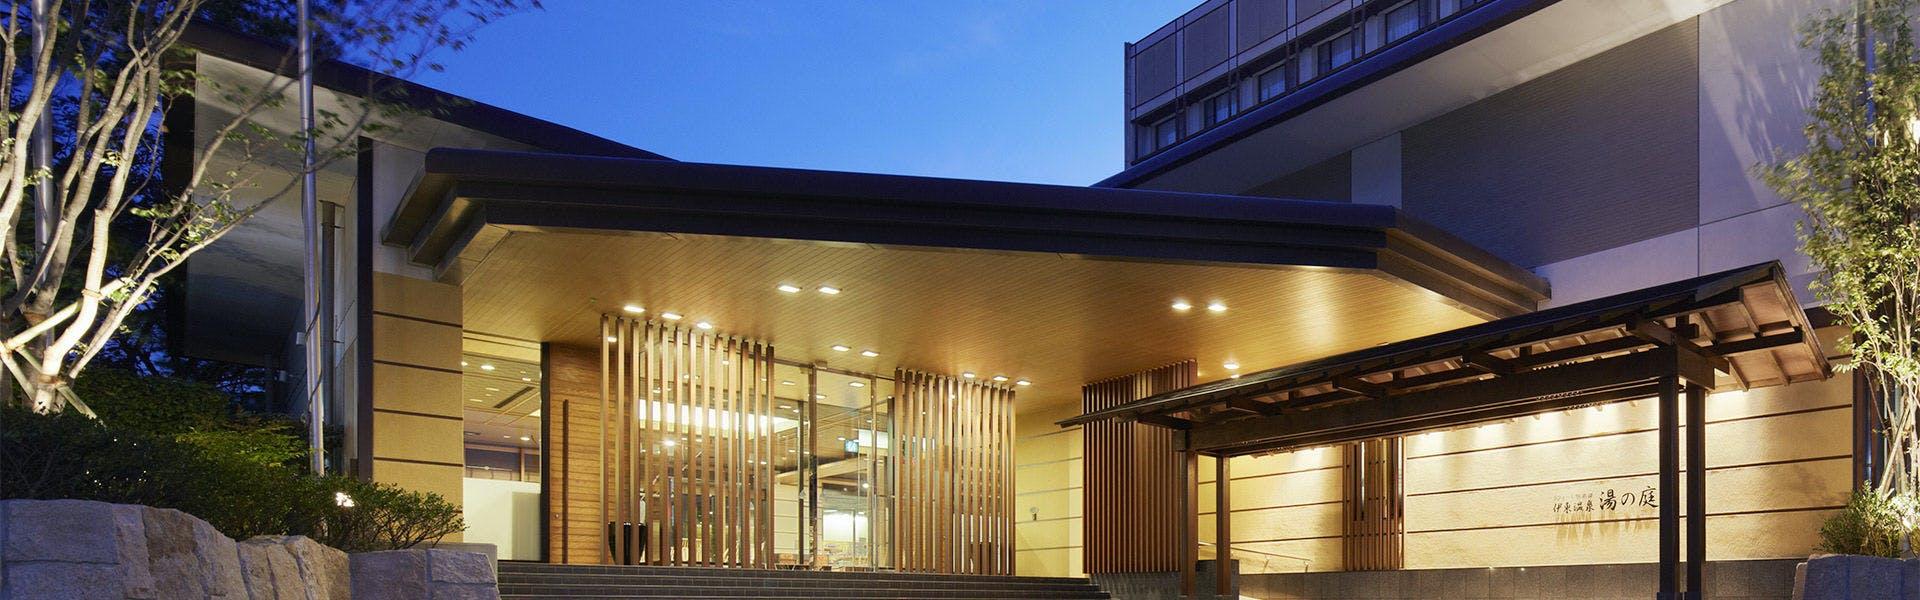 記念日におすすめのホテル・ラフォーレ倶楽部 伊東温泉 湯の庭の写真1